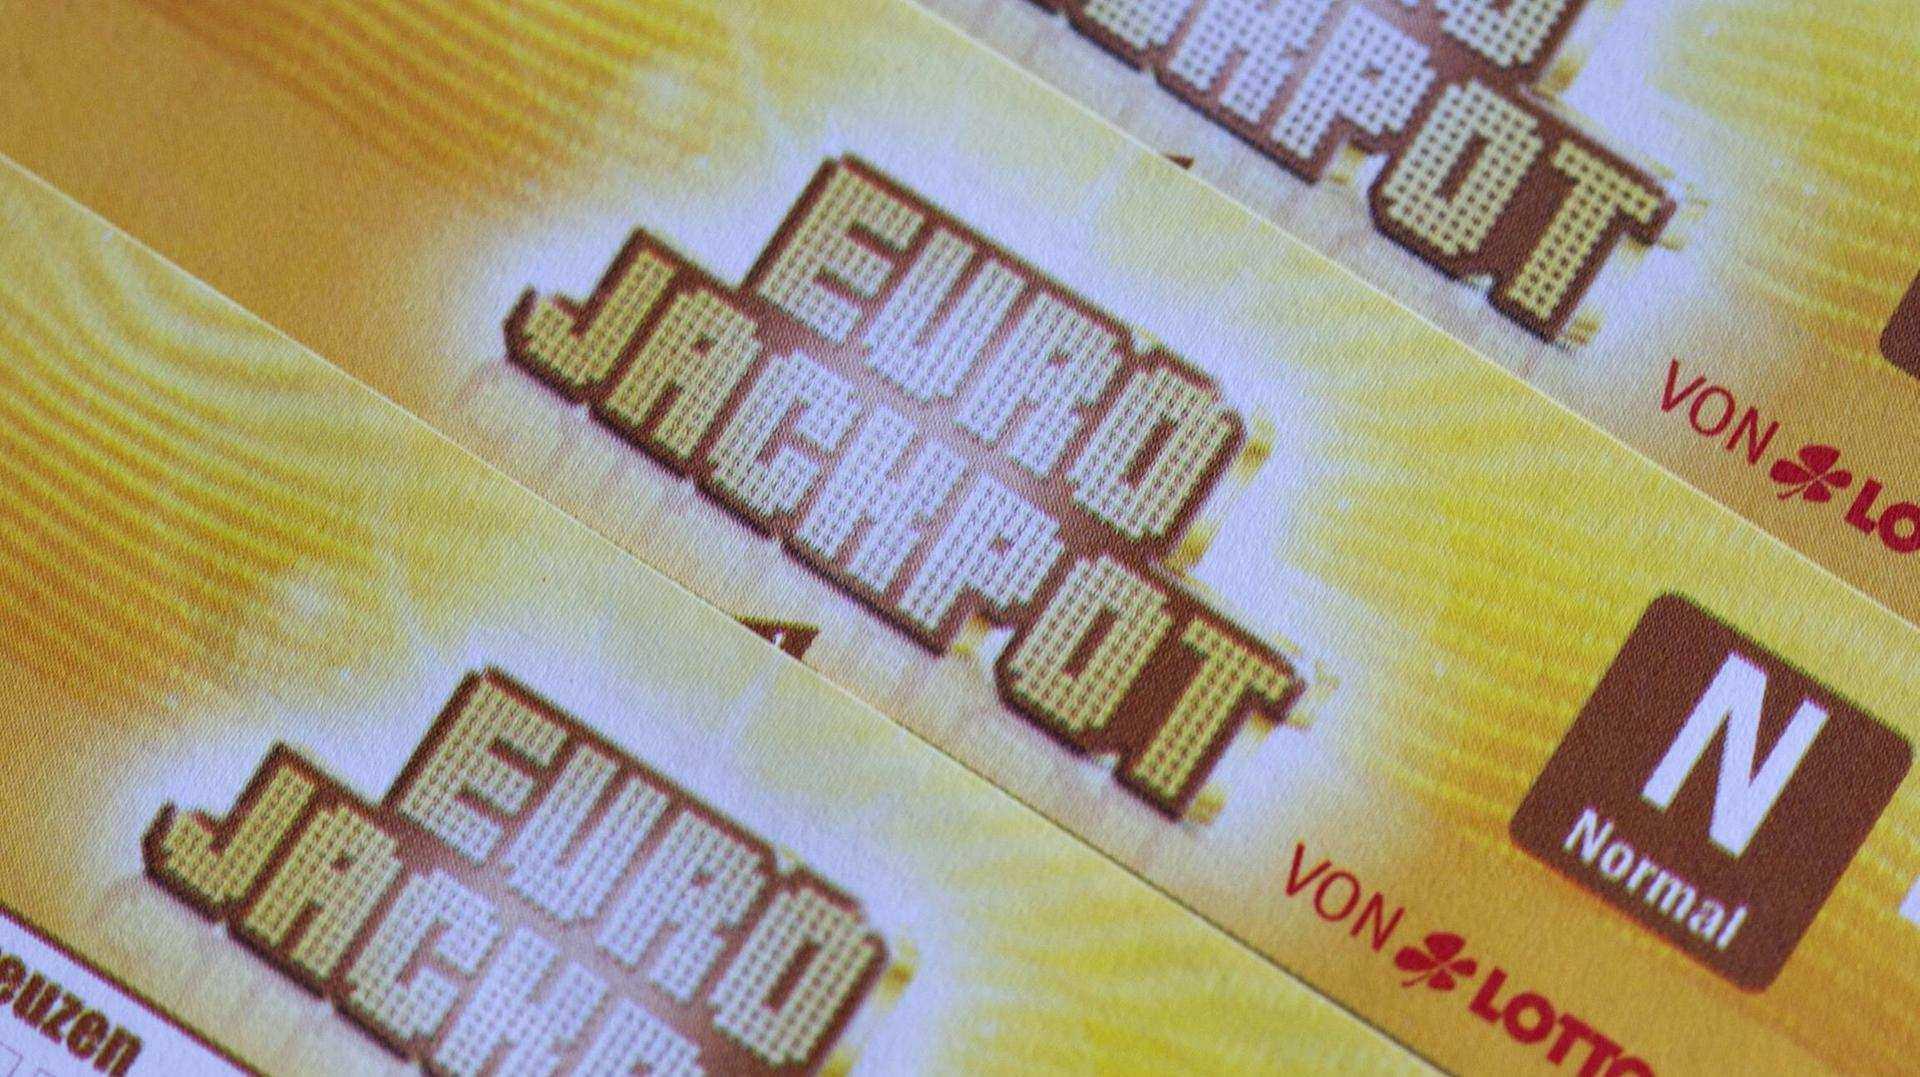 Eurojackpot am freitag, 22.06.2018: die gewinnzahlen & quoten